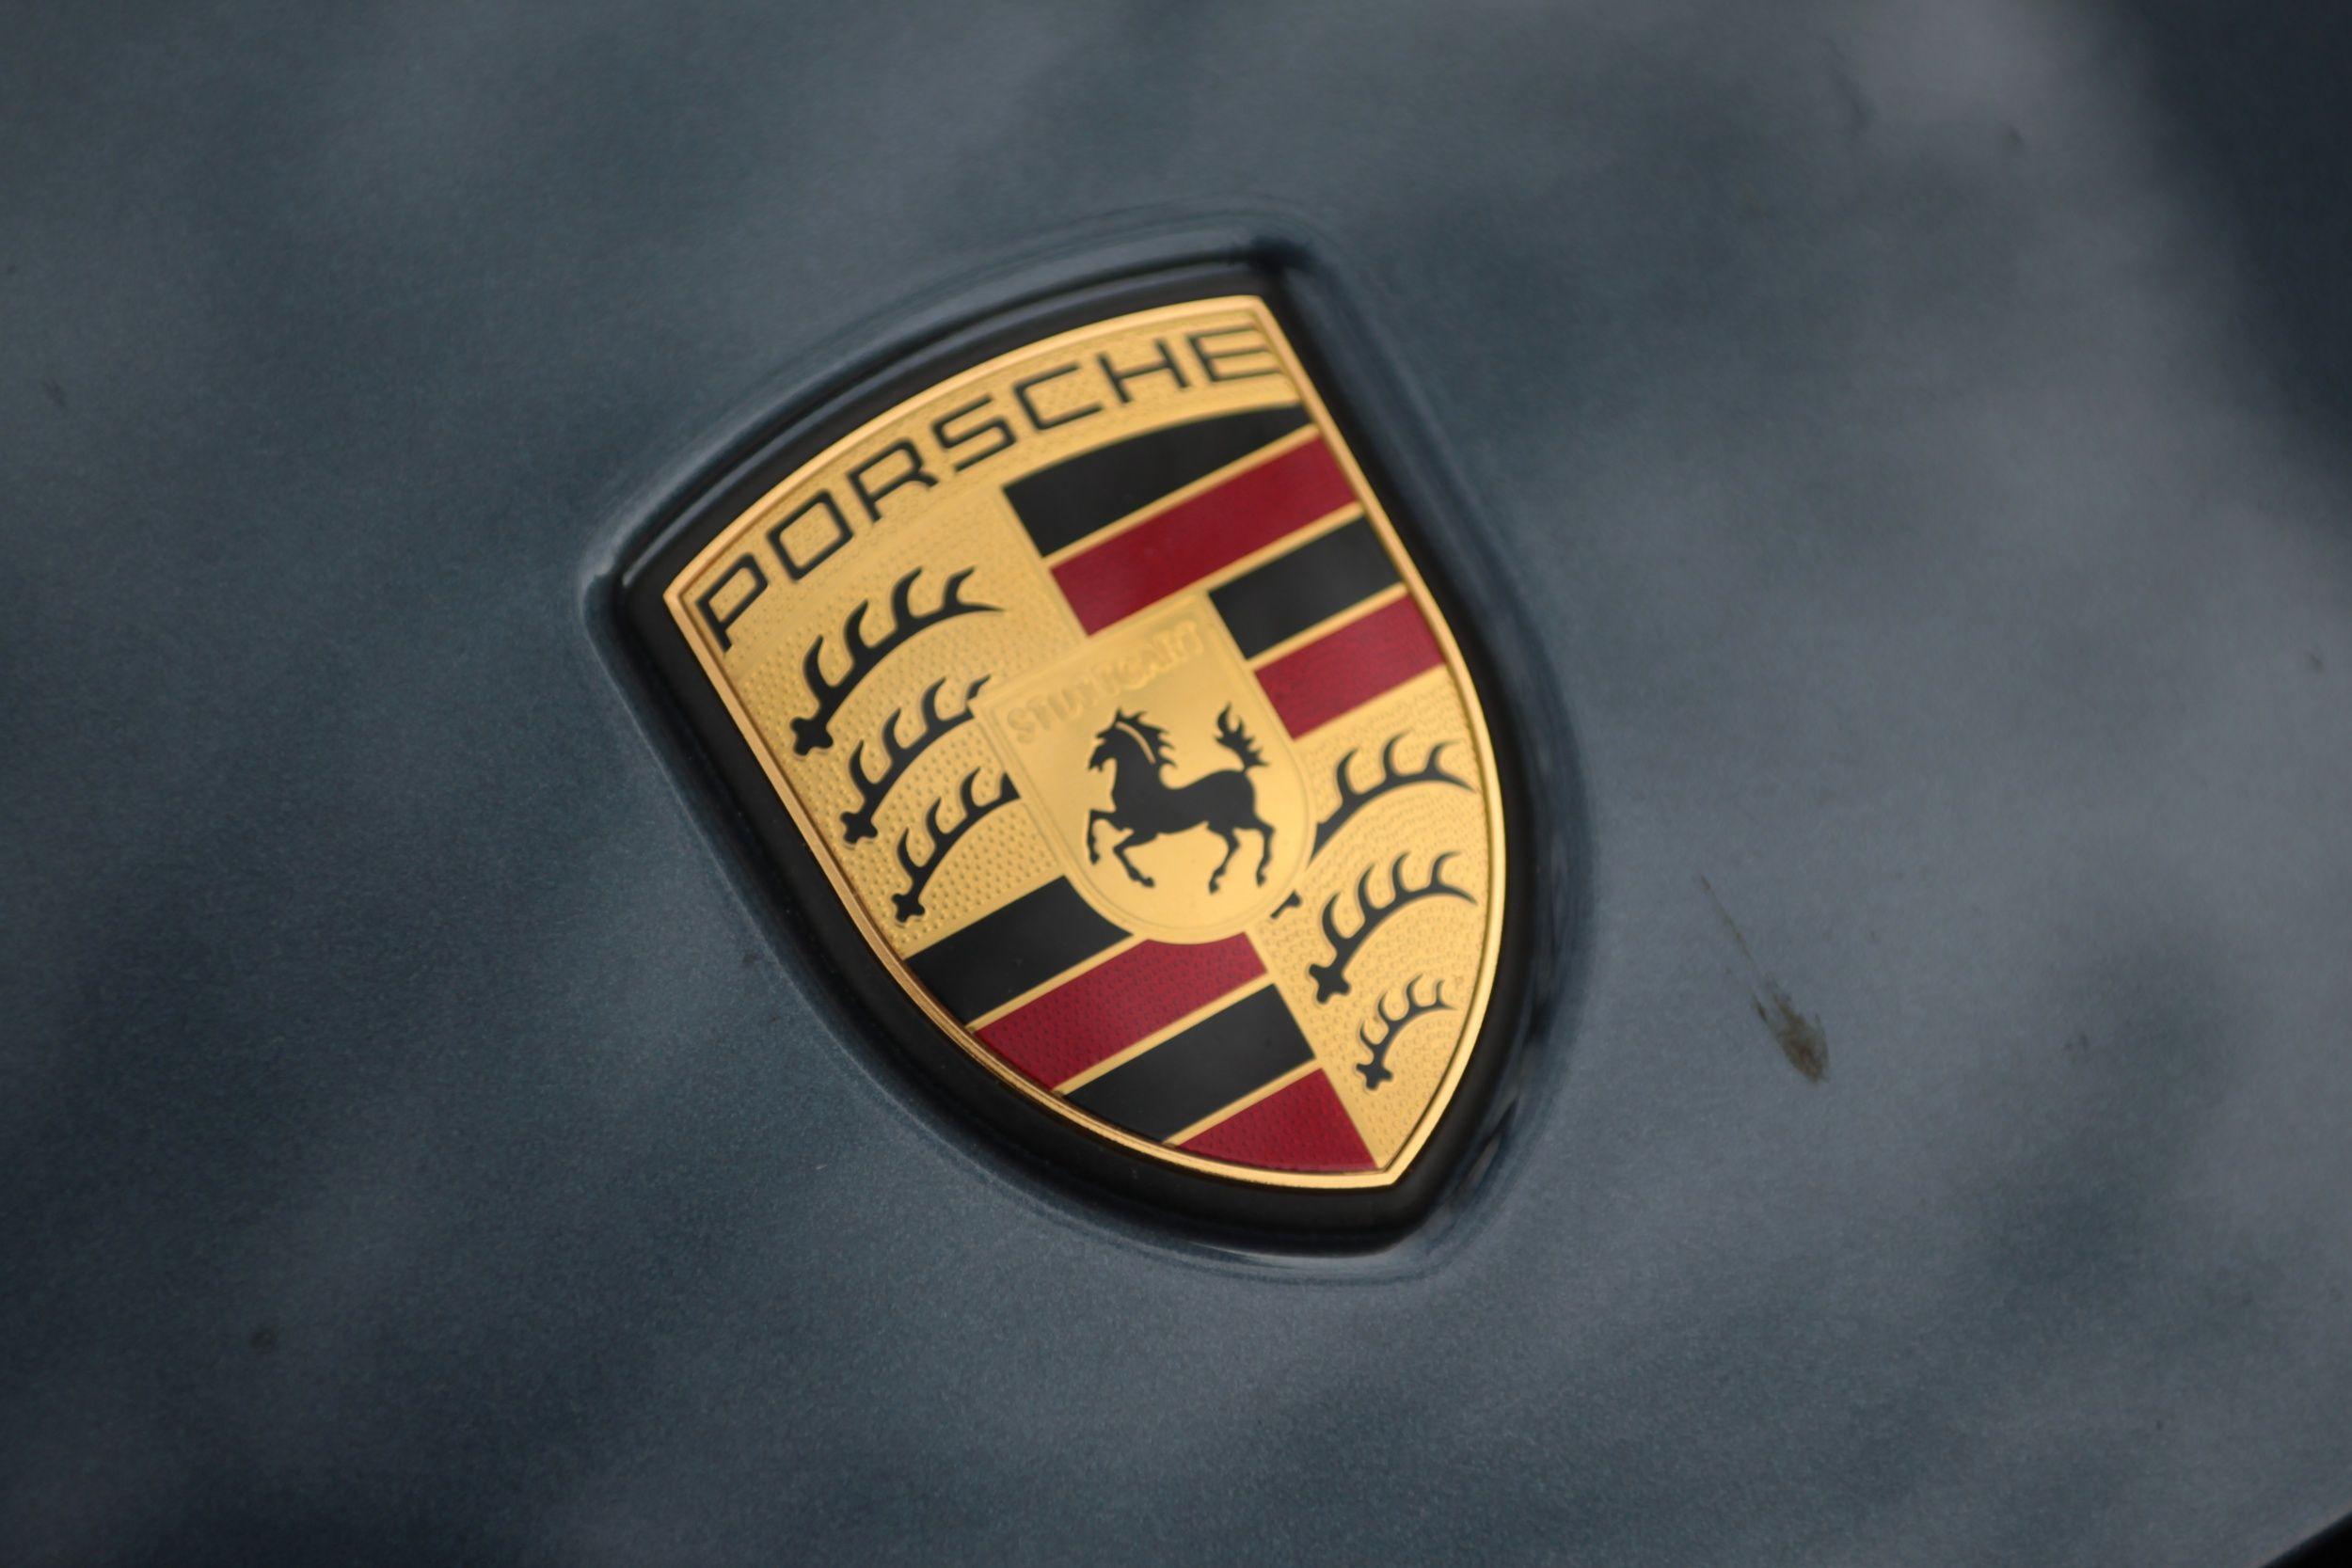 Porsche Hd Wallpapers 1080p: Porsche Logo Wallpapers